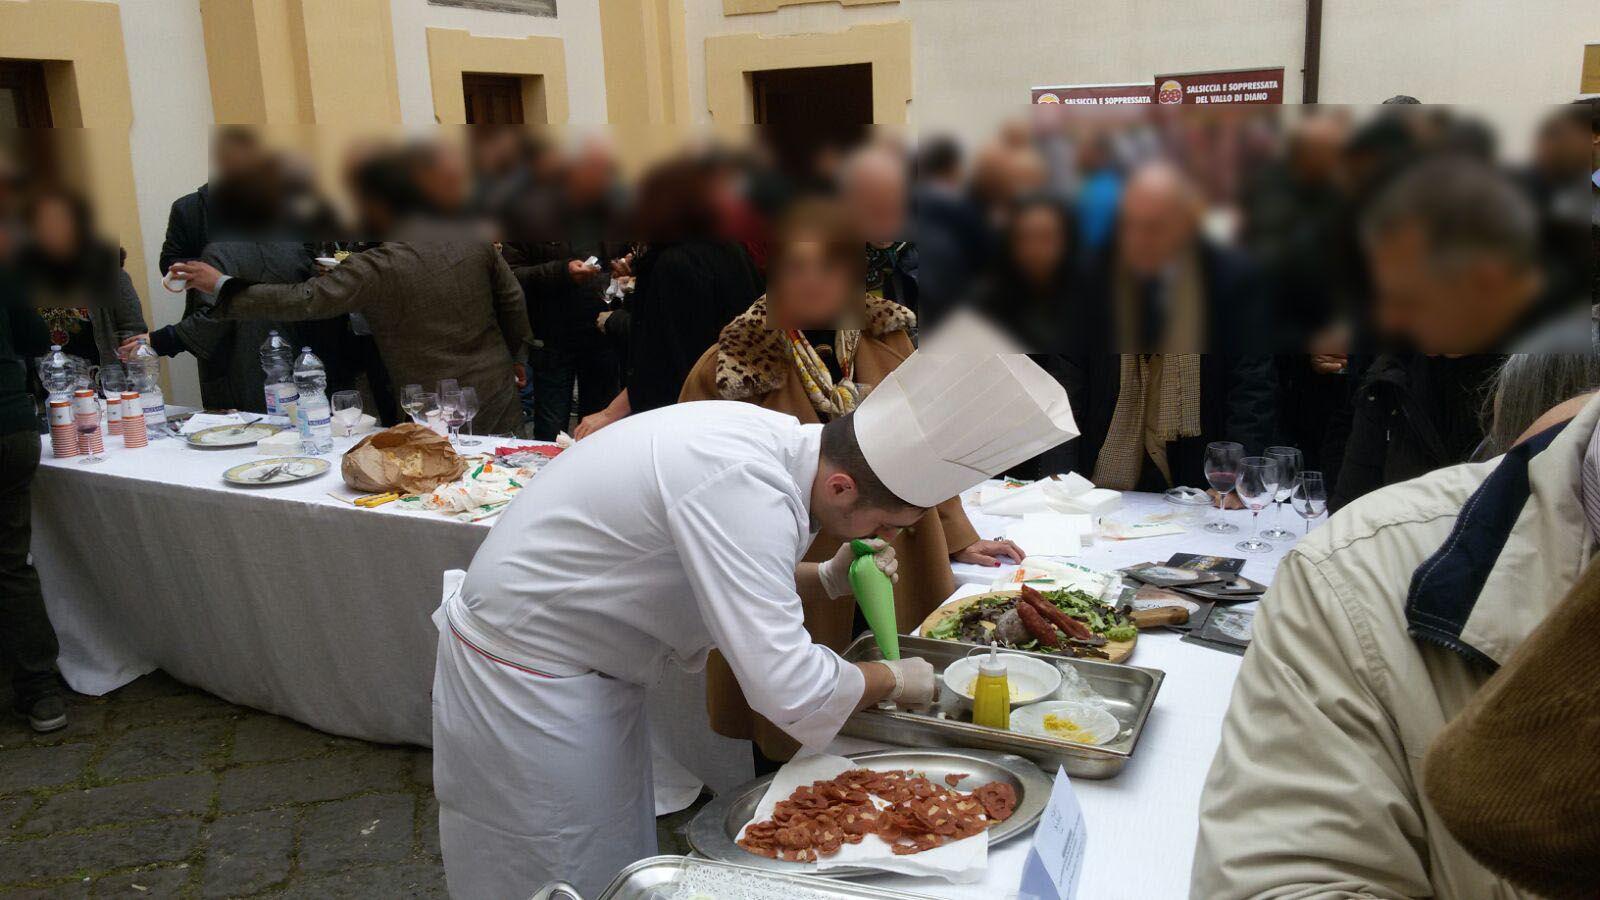 """""""VILLA SIGNORINI"""" CON IL SUO RISTORANTE """"LE NUVOLE"""" PRESENTE ALL'EVENTO """"INCONTRA IL CIBO SLOW"""" (CASTELLO MEDICEO DI OTTAVIANO – 20/03/2017)  http://www.villasignorini.it/it/villa-signorini-suo-ristorante-le-nuvole-presente-allevento-incontra-cibo-slow-castello-mediceo-ottaviano-20032017/  http://www.ristorantelenuvole.it/villa-signorini-suo-ristorante-le-nuvole-presente-allevento-incontra-cibo-slow-castello-mediceo-ottaviano-20032017/"""